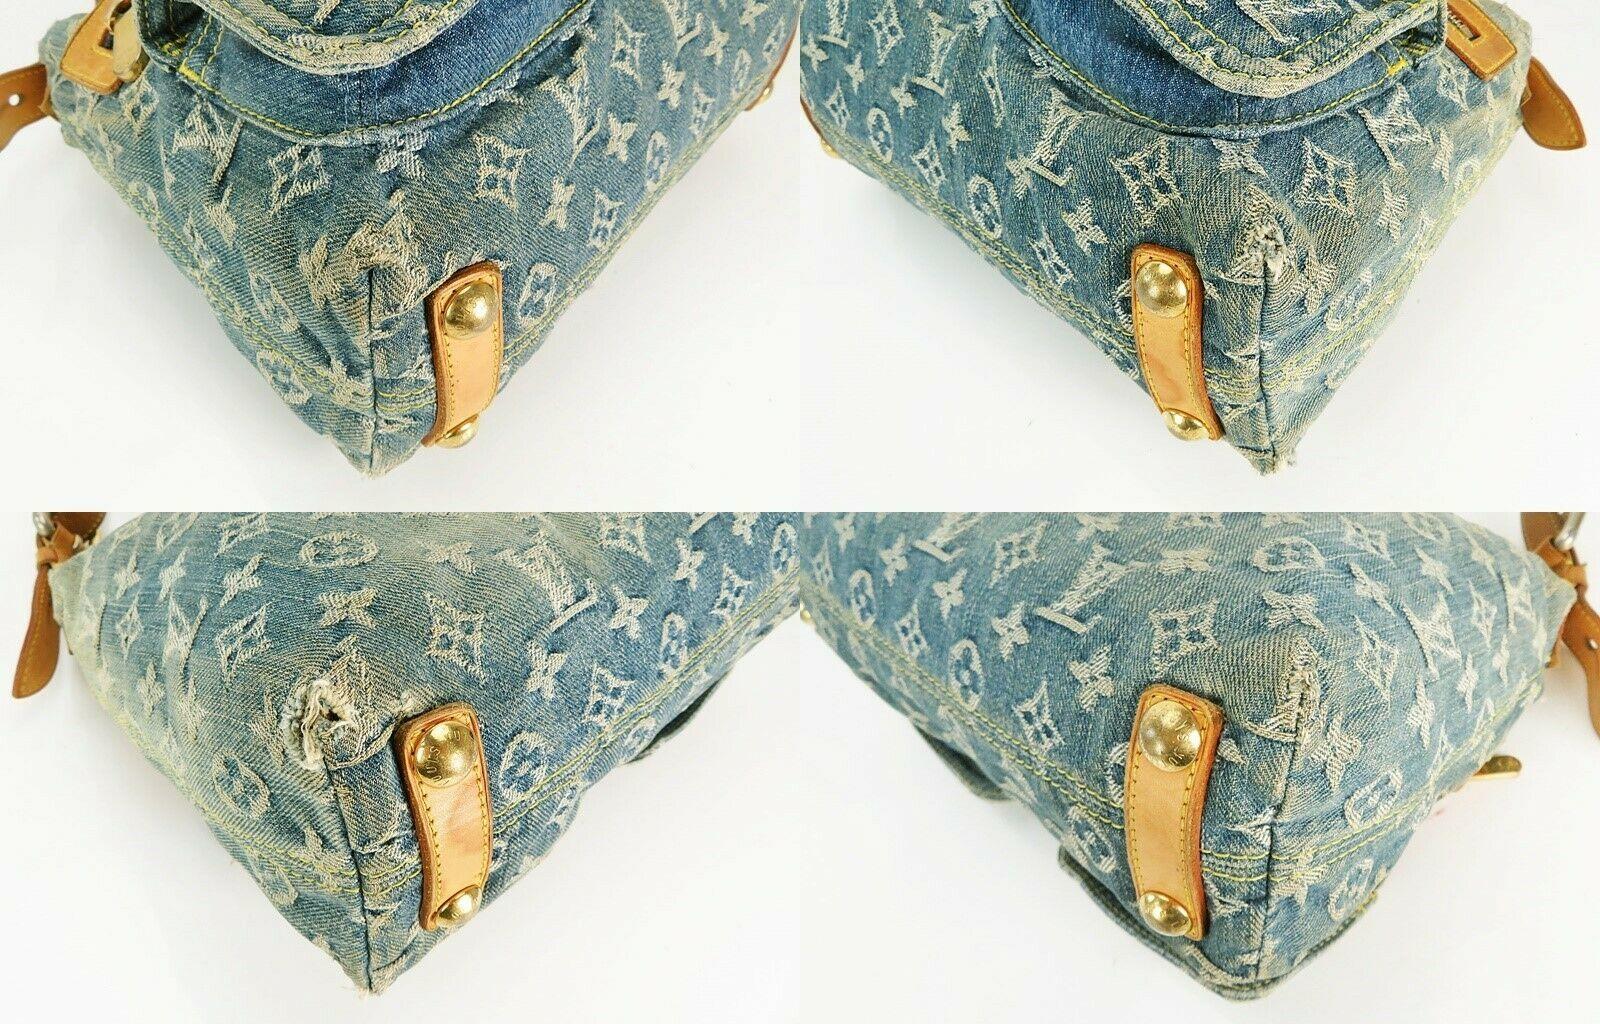 Authentic LOUIS VUITTON Baggy PM Blue Denim Shoulder Tote Bag Purse #34953 image 7